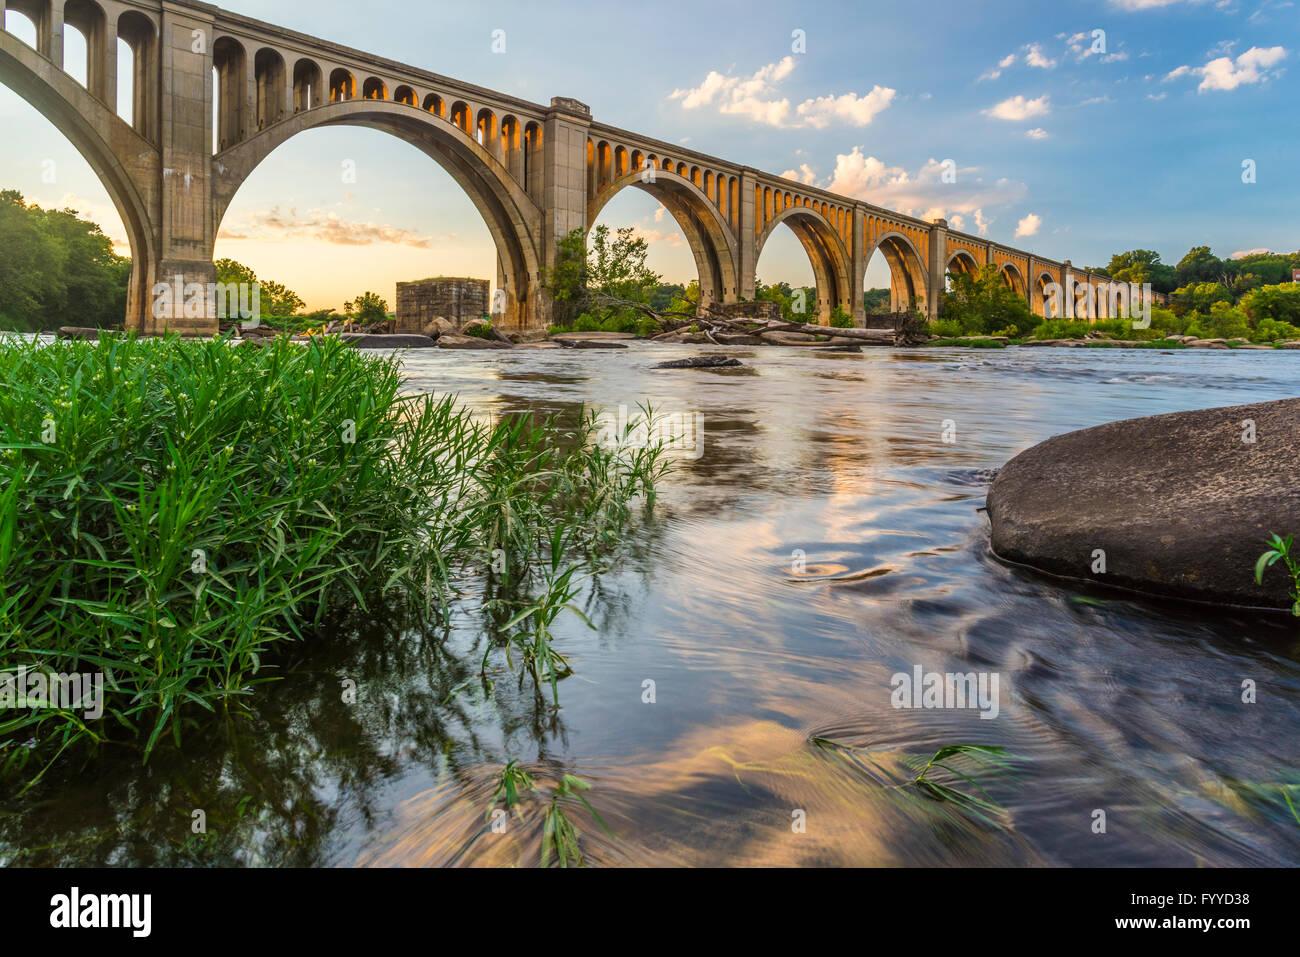 Un grazioso ponte di arco concreto abbraccia il James River vicino a Richmond, Virginia, Stati Uniti d'America. Foto Stock